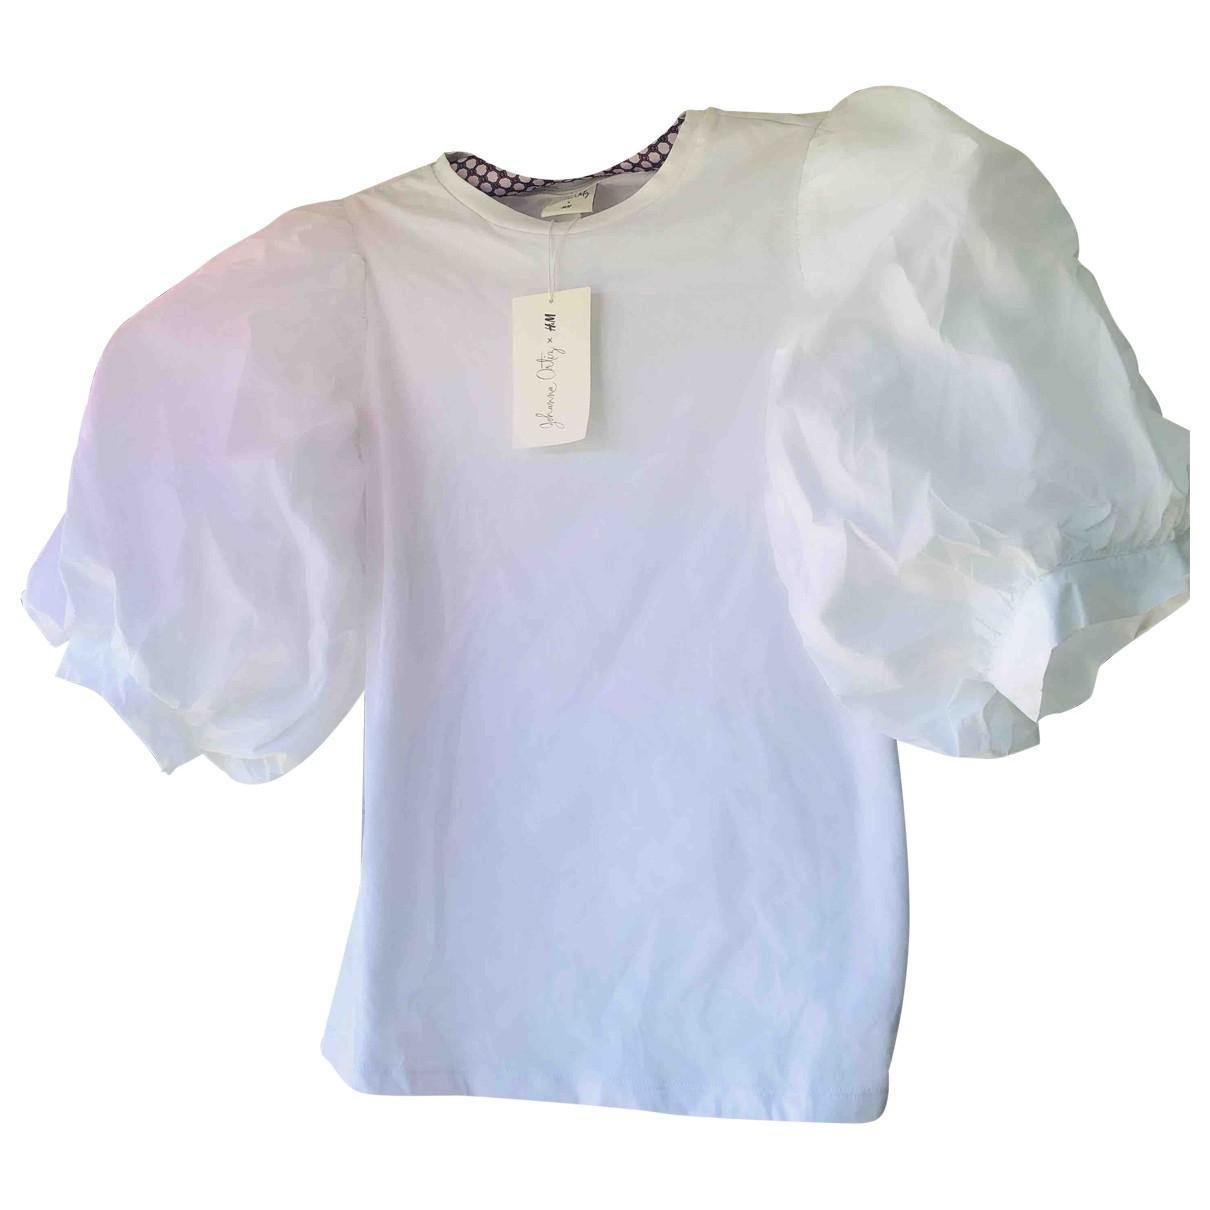 Johanna Ortiz X H&m - Top   pour femme en coton - blanc